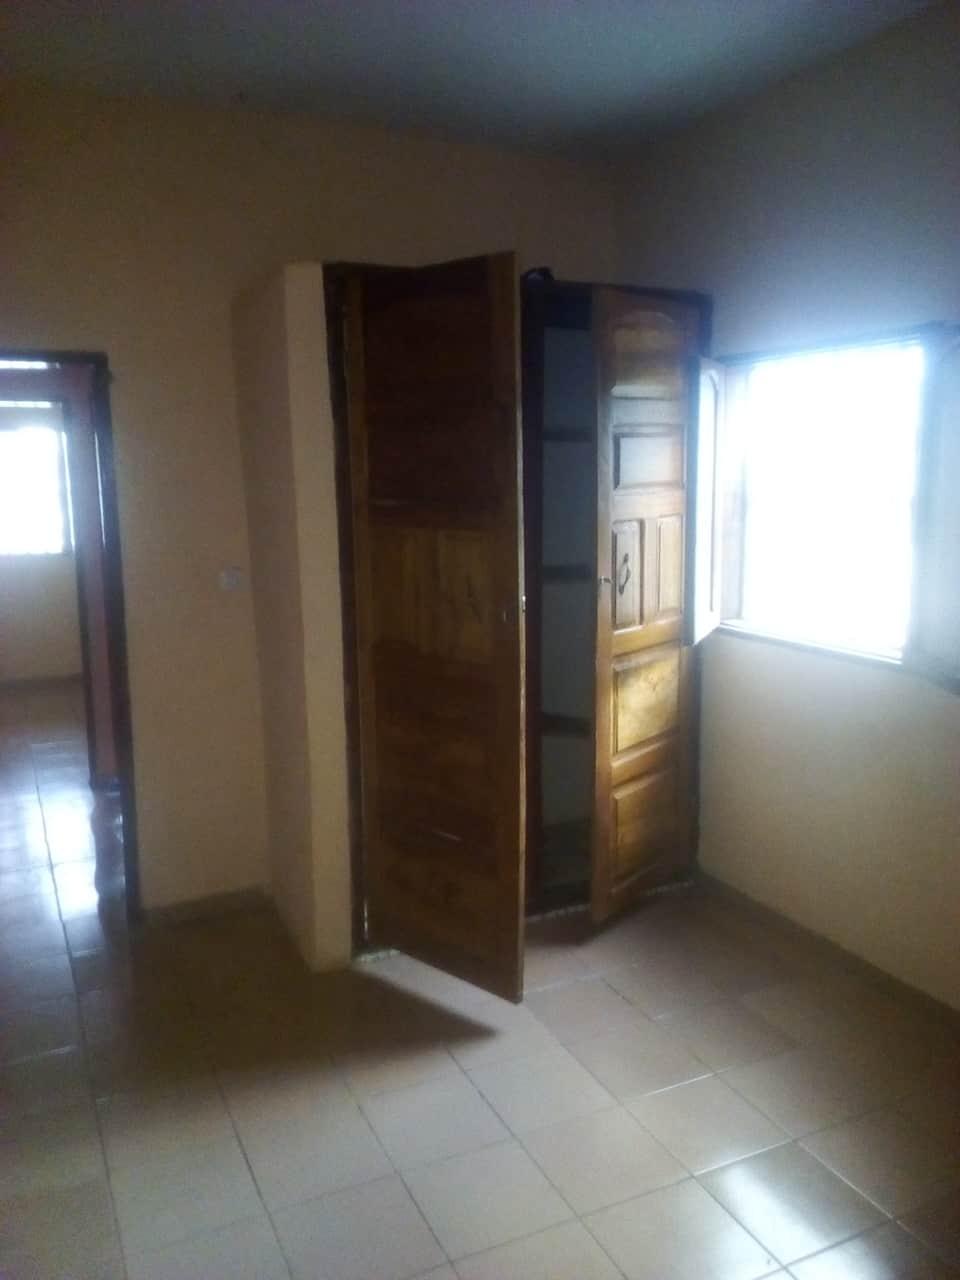 Apartment to rent - Yaoundé, Bastos, pas loin du la policlinique - 1 living room(s), 2 bedroom(s), 1 bathroom(s) - 150 000 FCFA / month